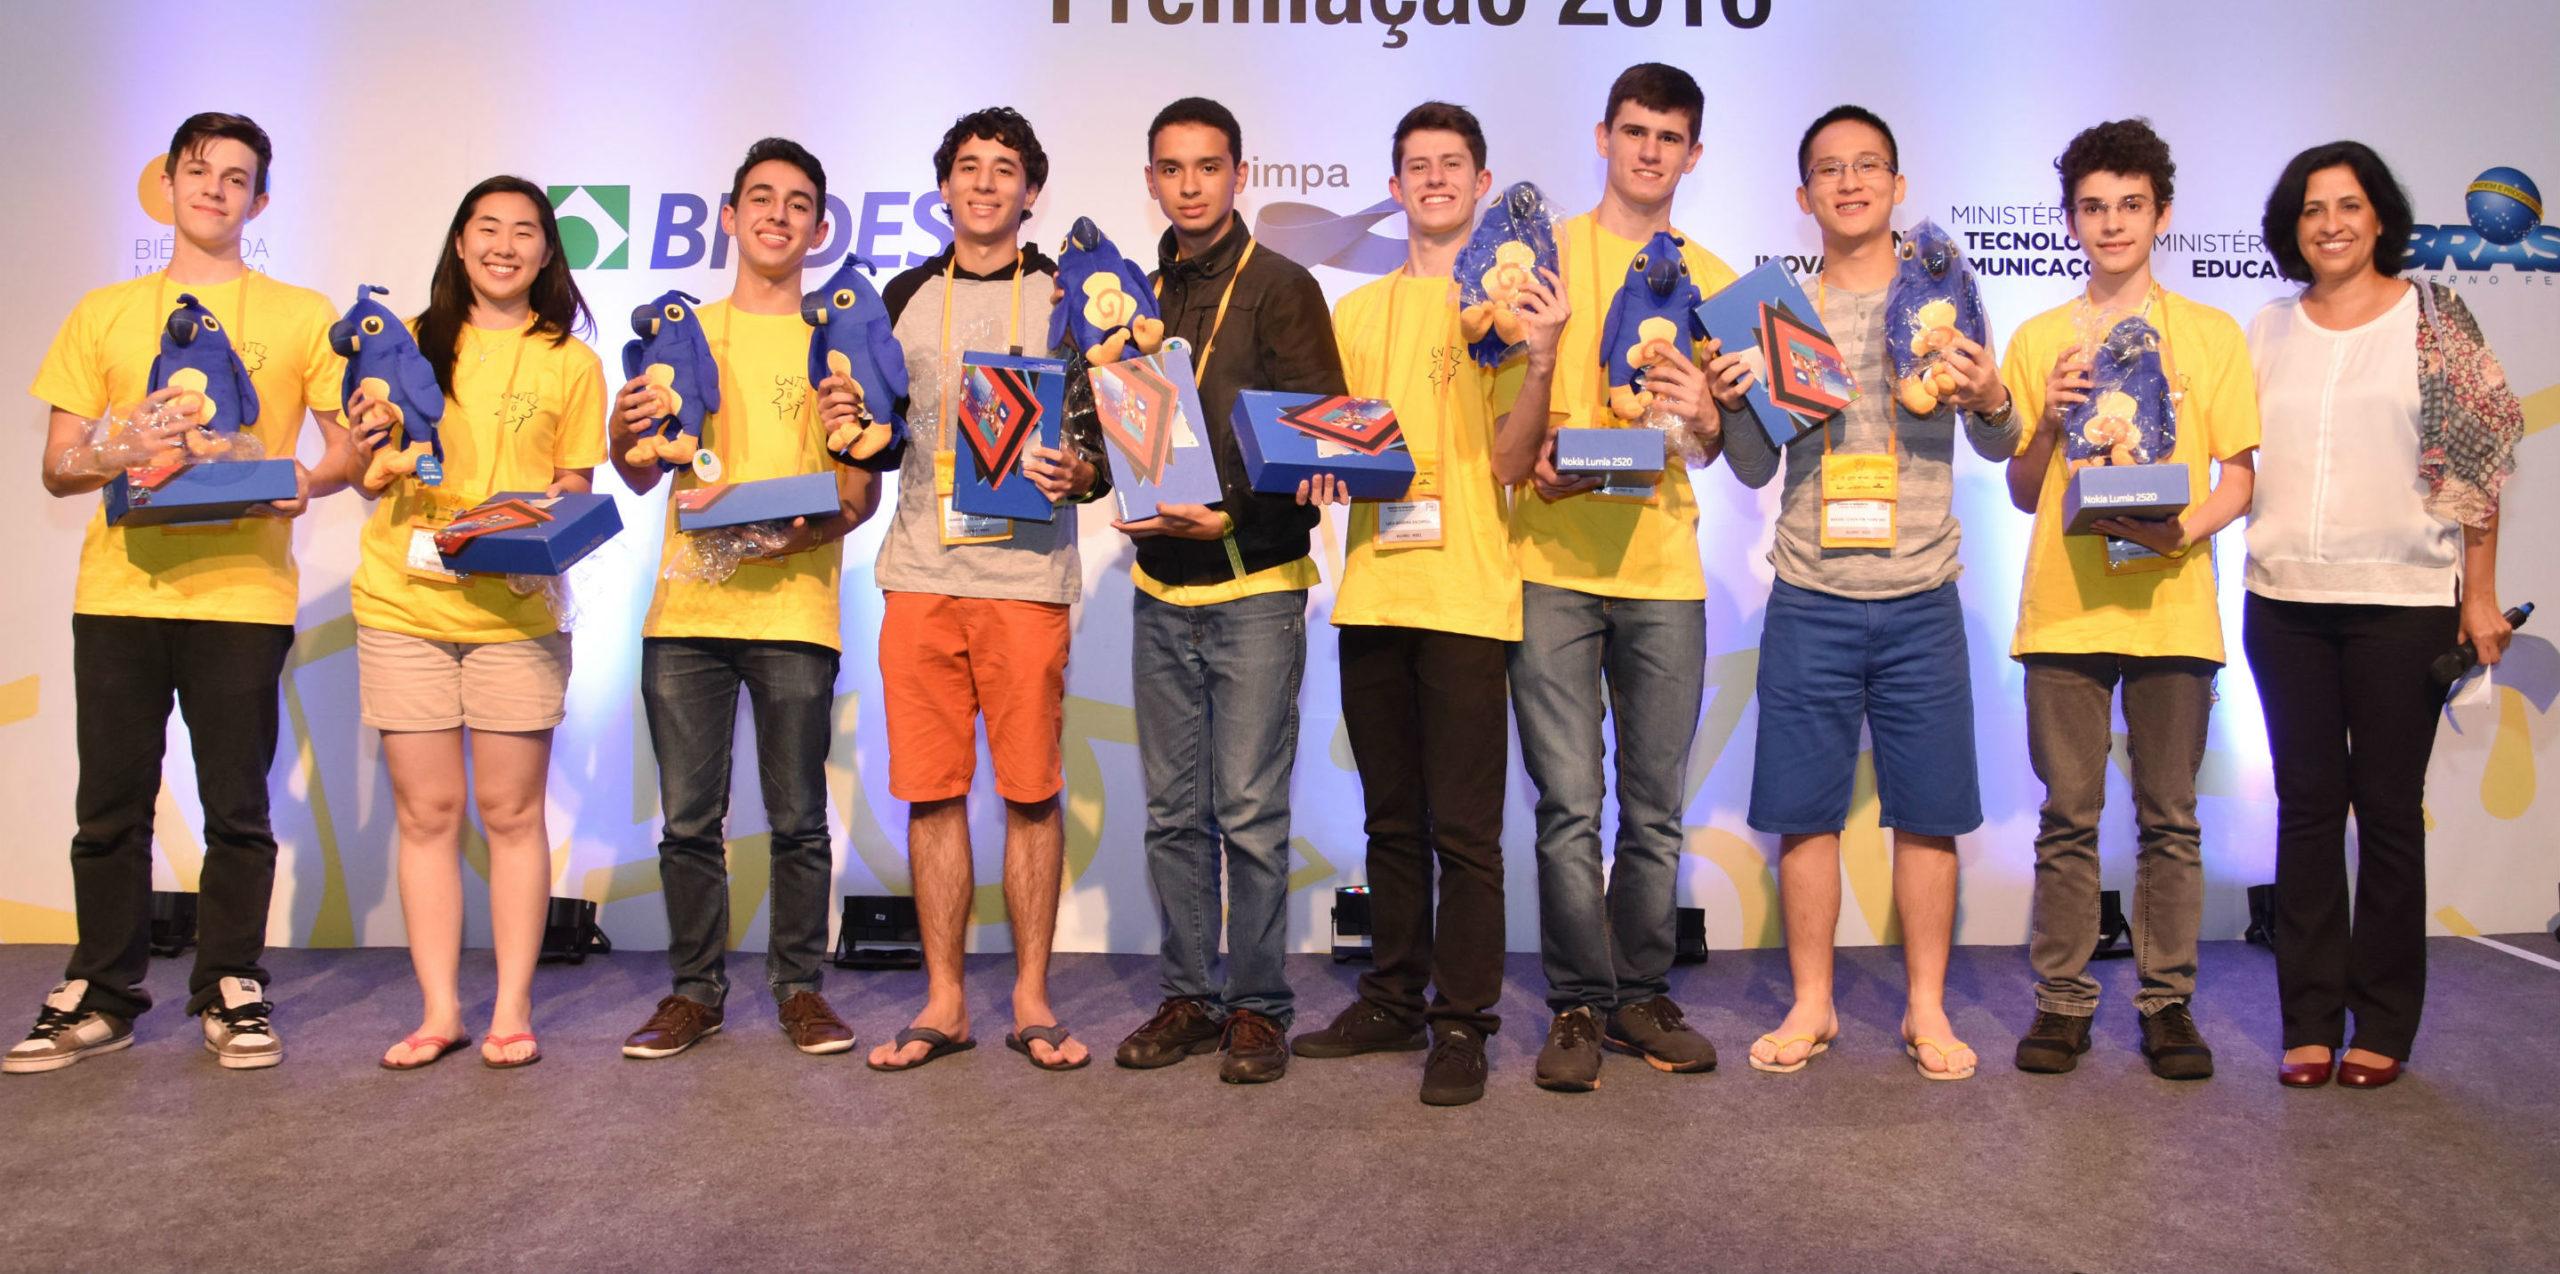 Tablets e mais 50 bolsas na premiação da OBMEP